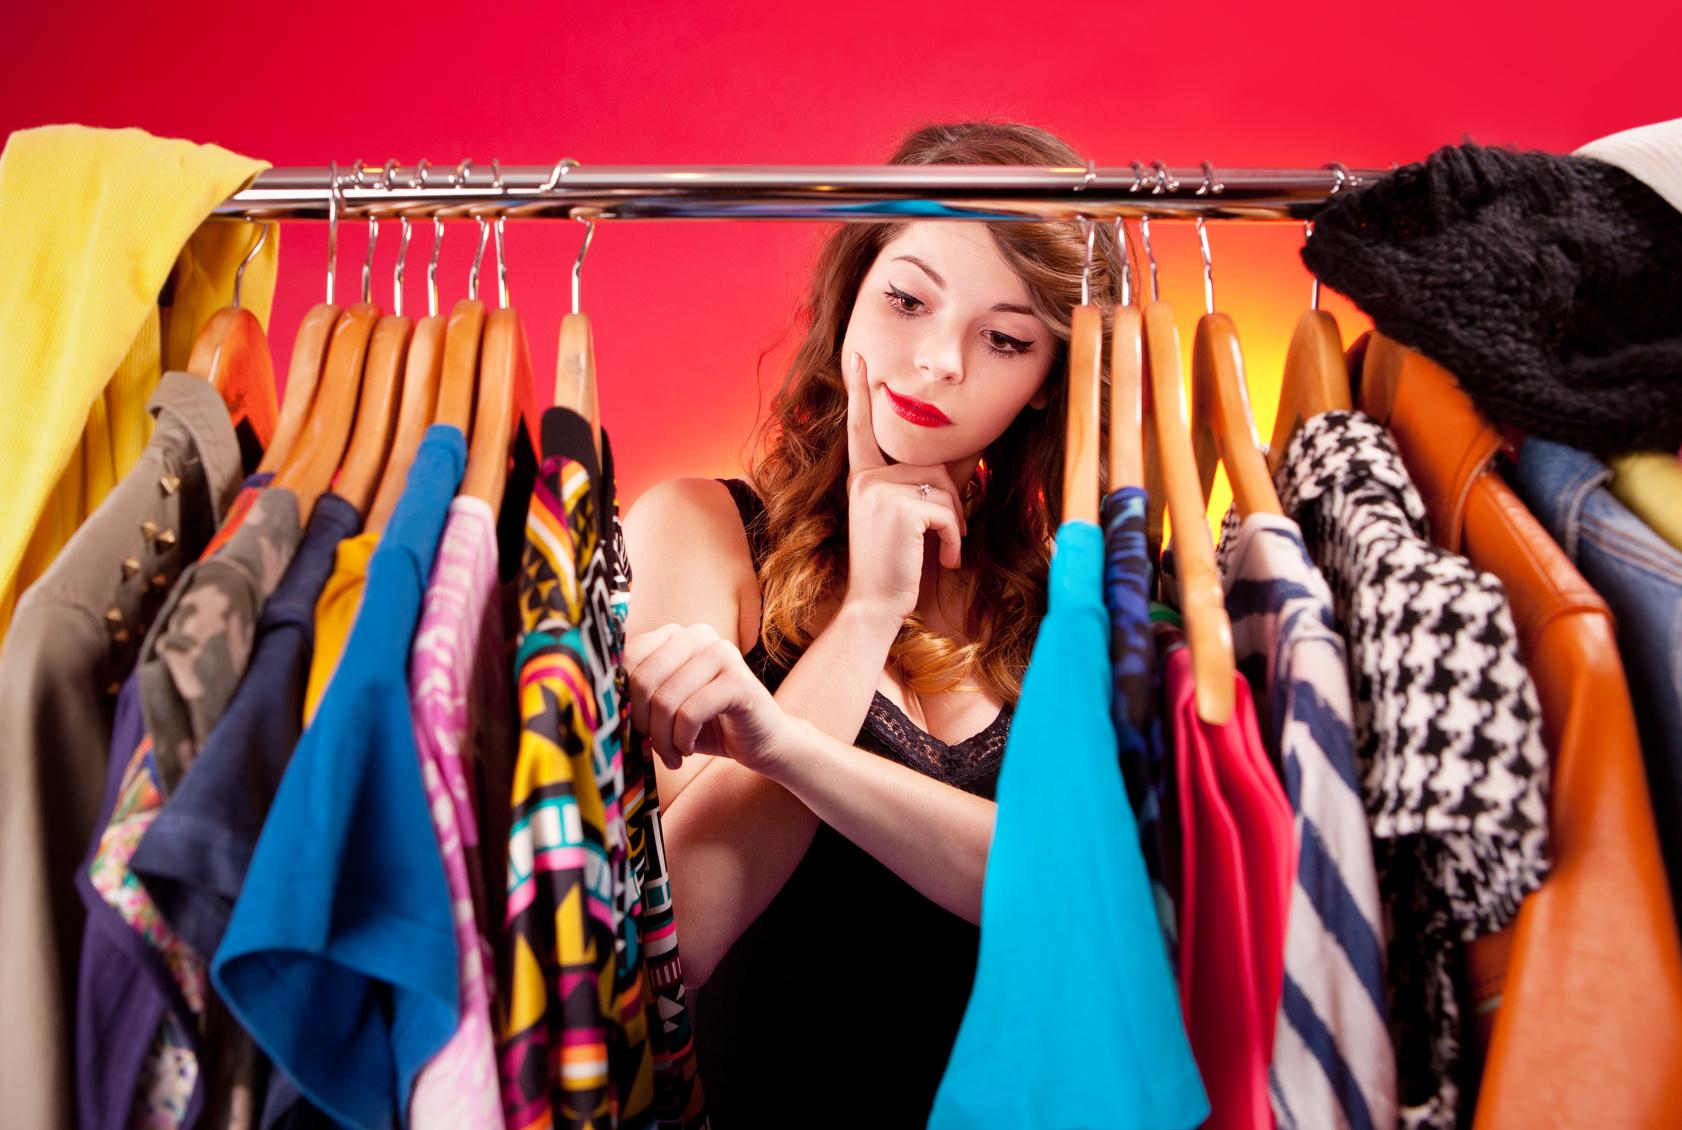 Choisir les vêtements qui me vont